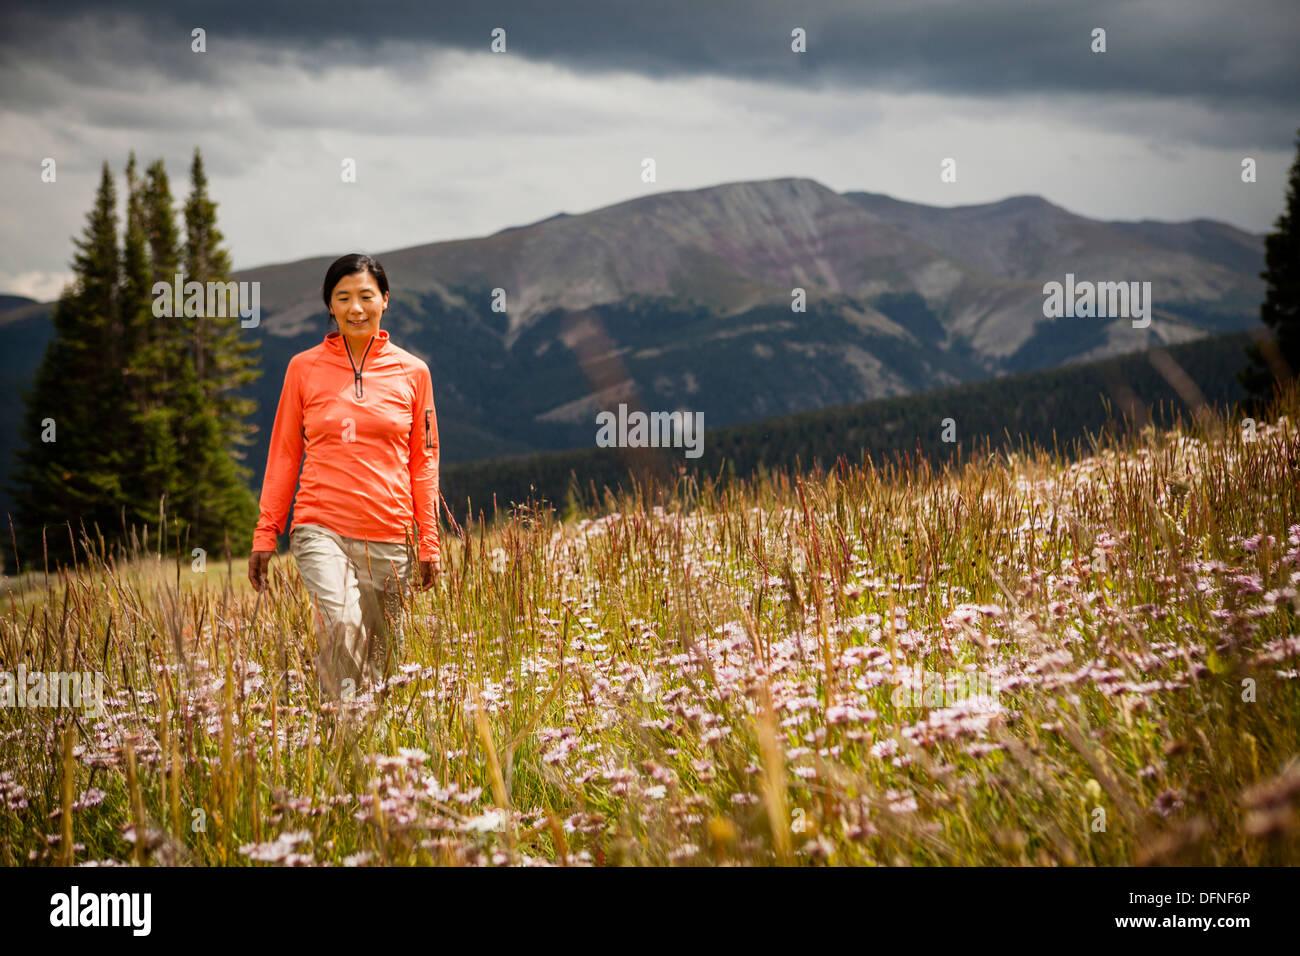 Woman walking in a meadow - Stock Image